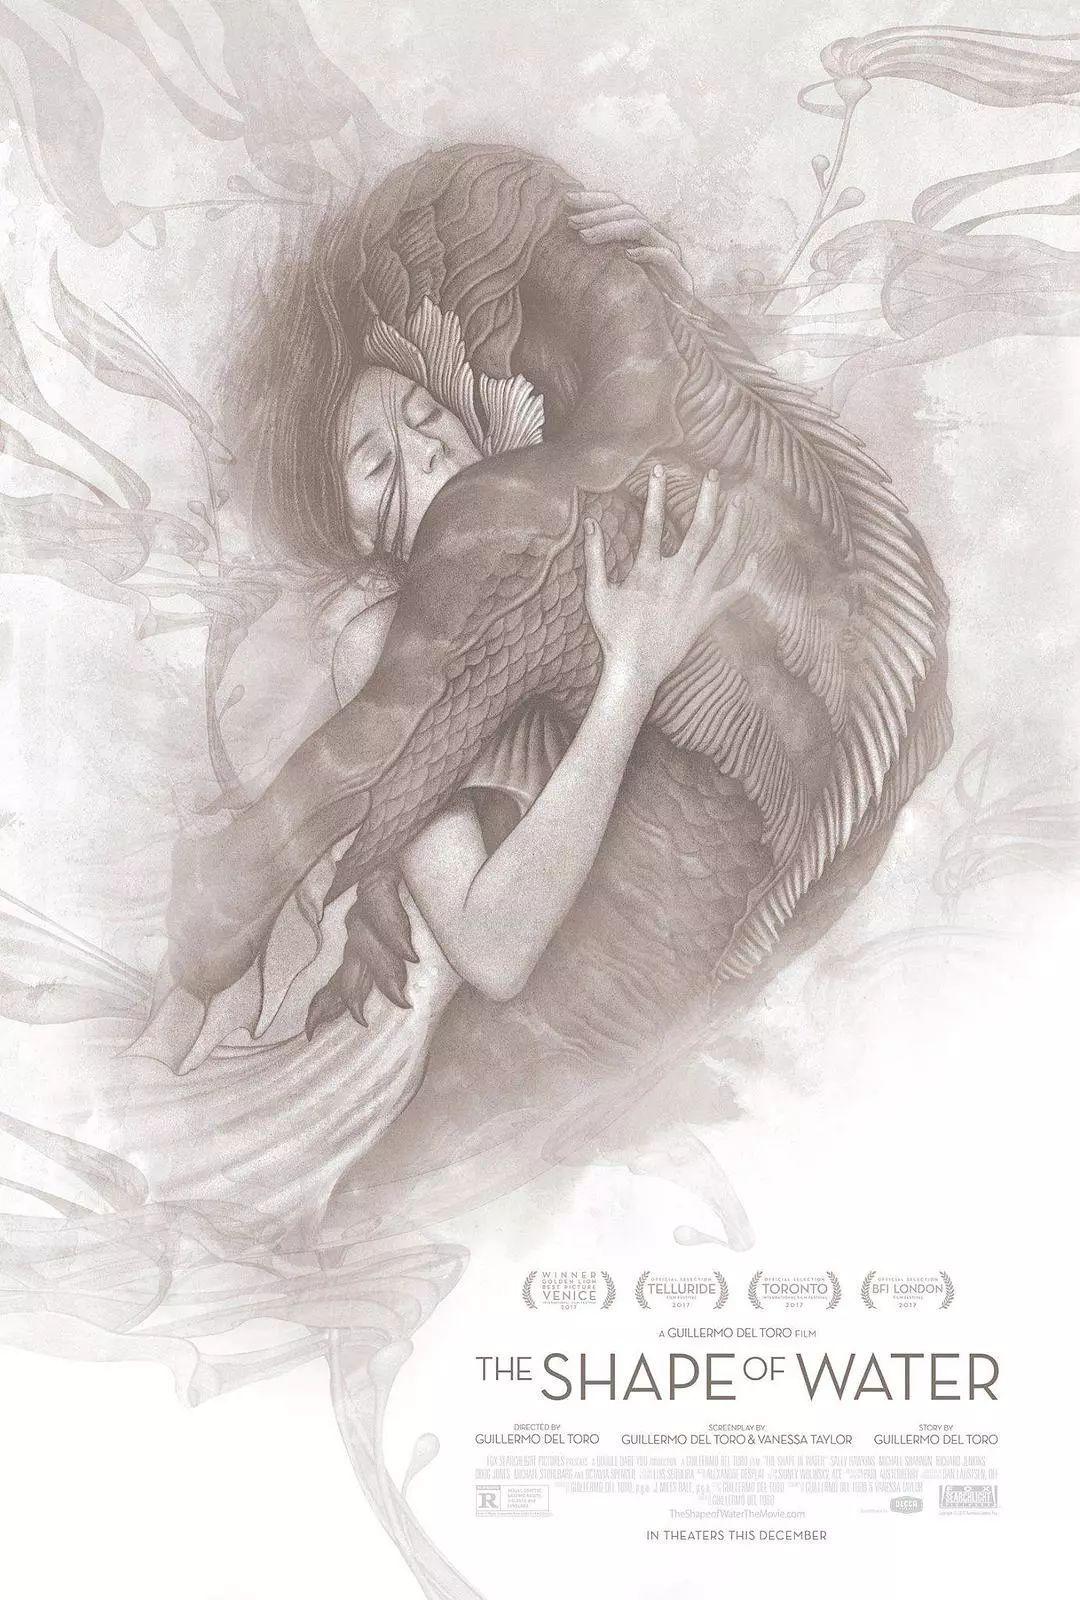 奥斯卡热门新片告诉你:爱情里,有些人还不如畜生啊